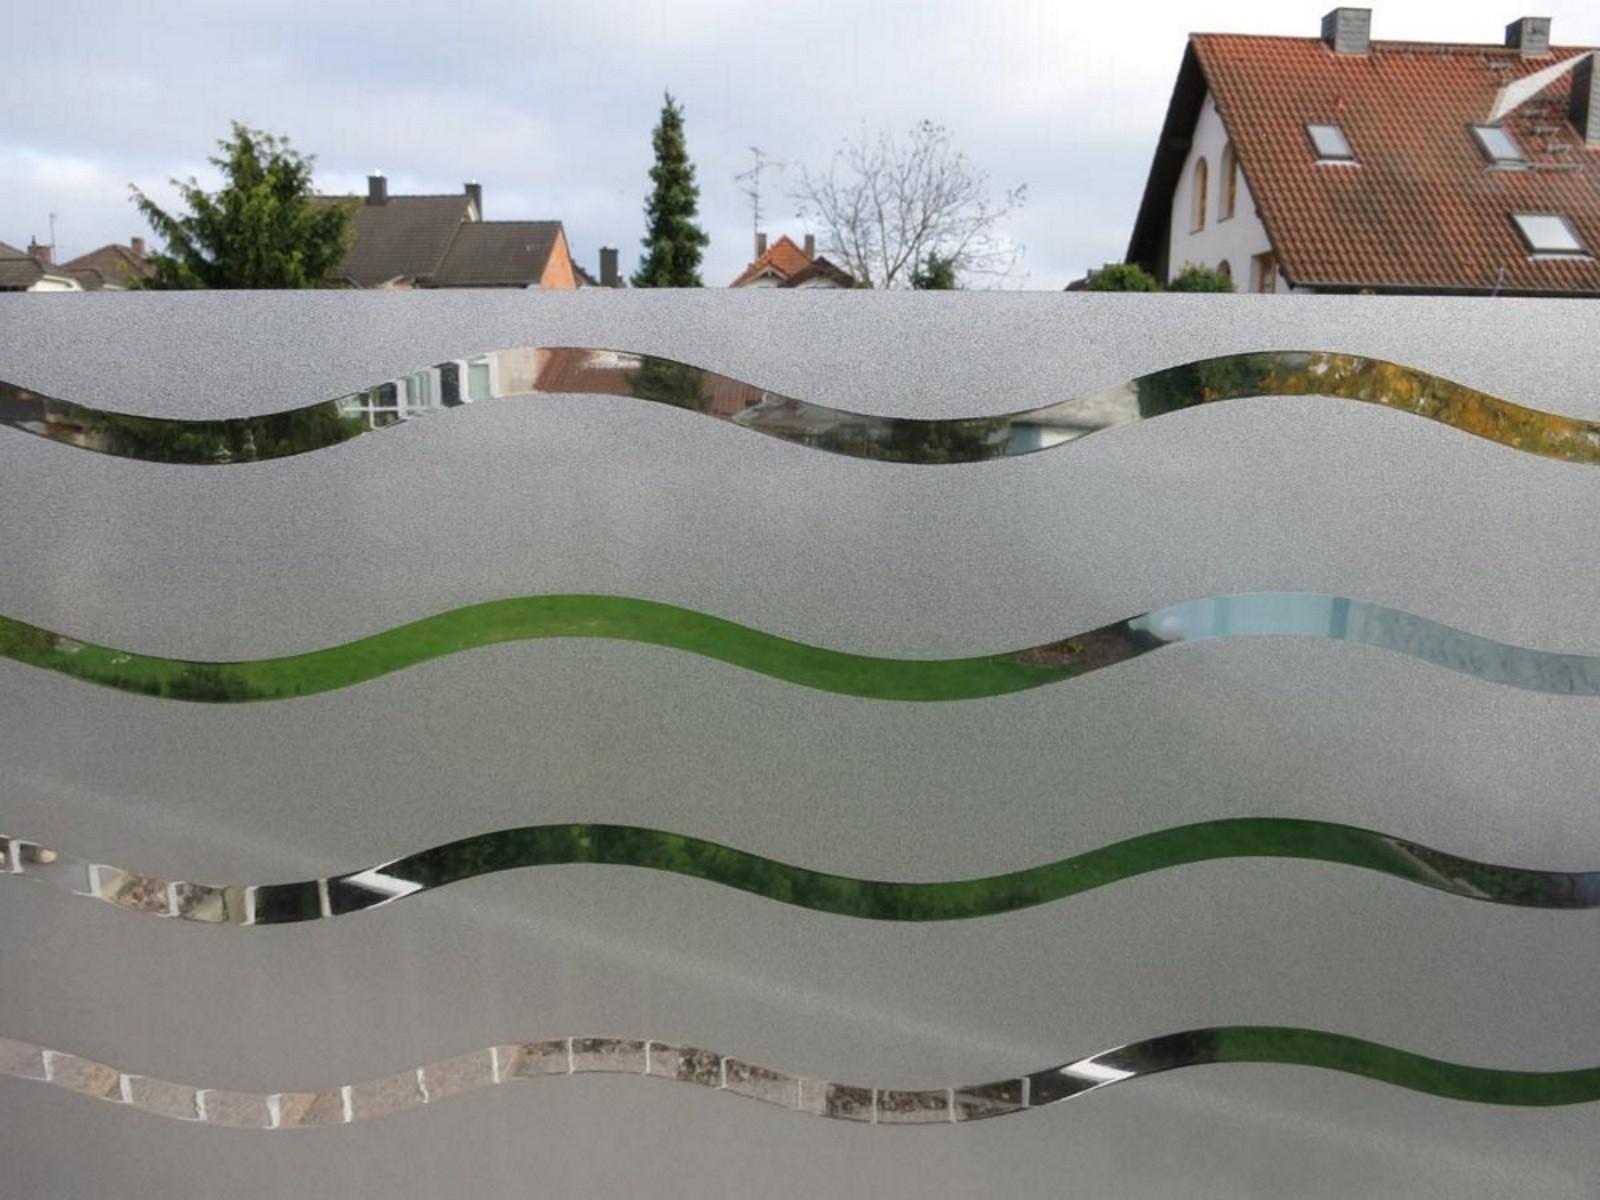 statische fensterfolie wave 110 x 45 cm wellen folie milchglasfolie fensterfolie 2lif. Black Bedroom Furniture Sets. Home Design Ideas